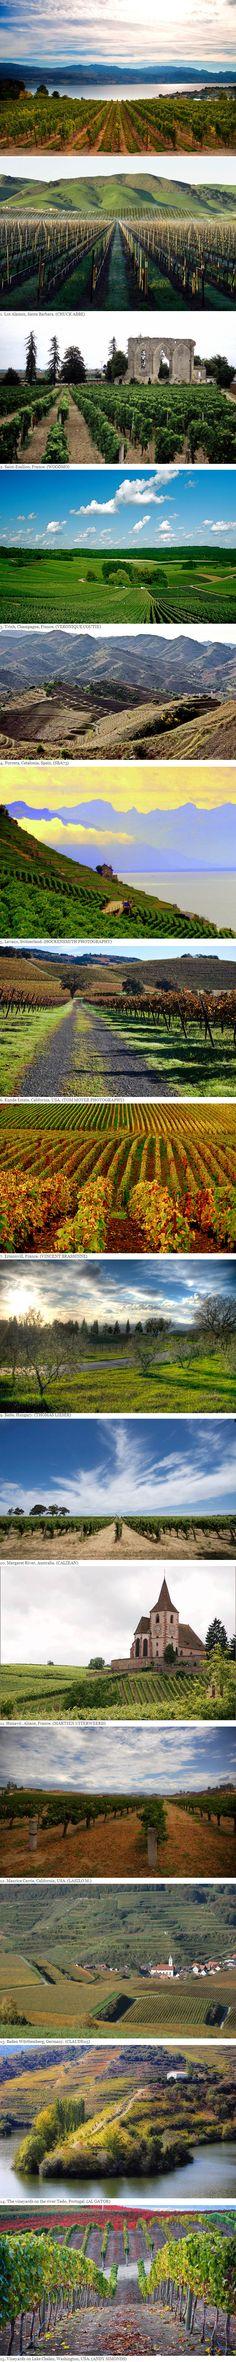 Vineyards of the World I